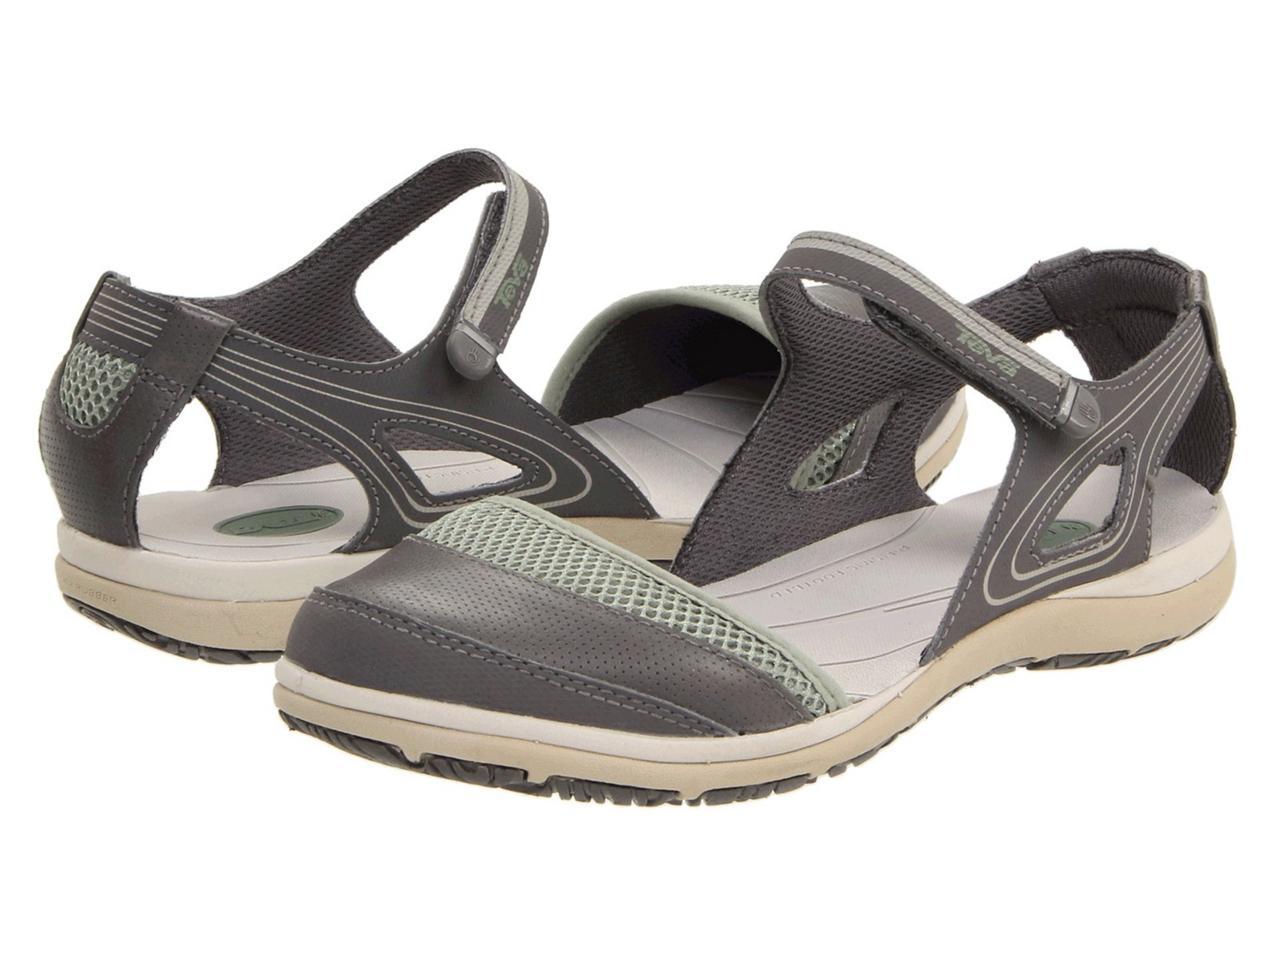 Teva Womens Tennis Shoes